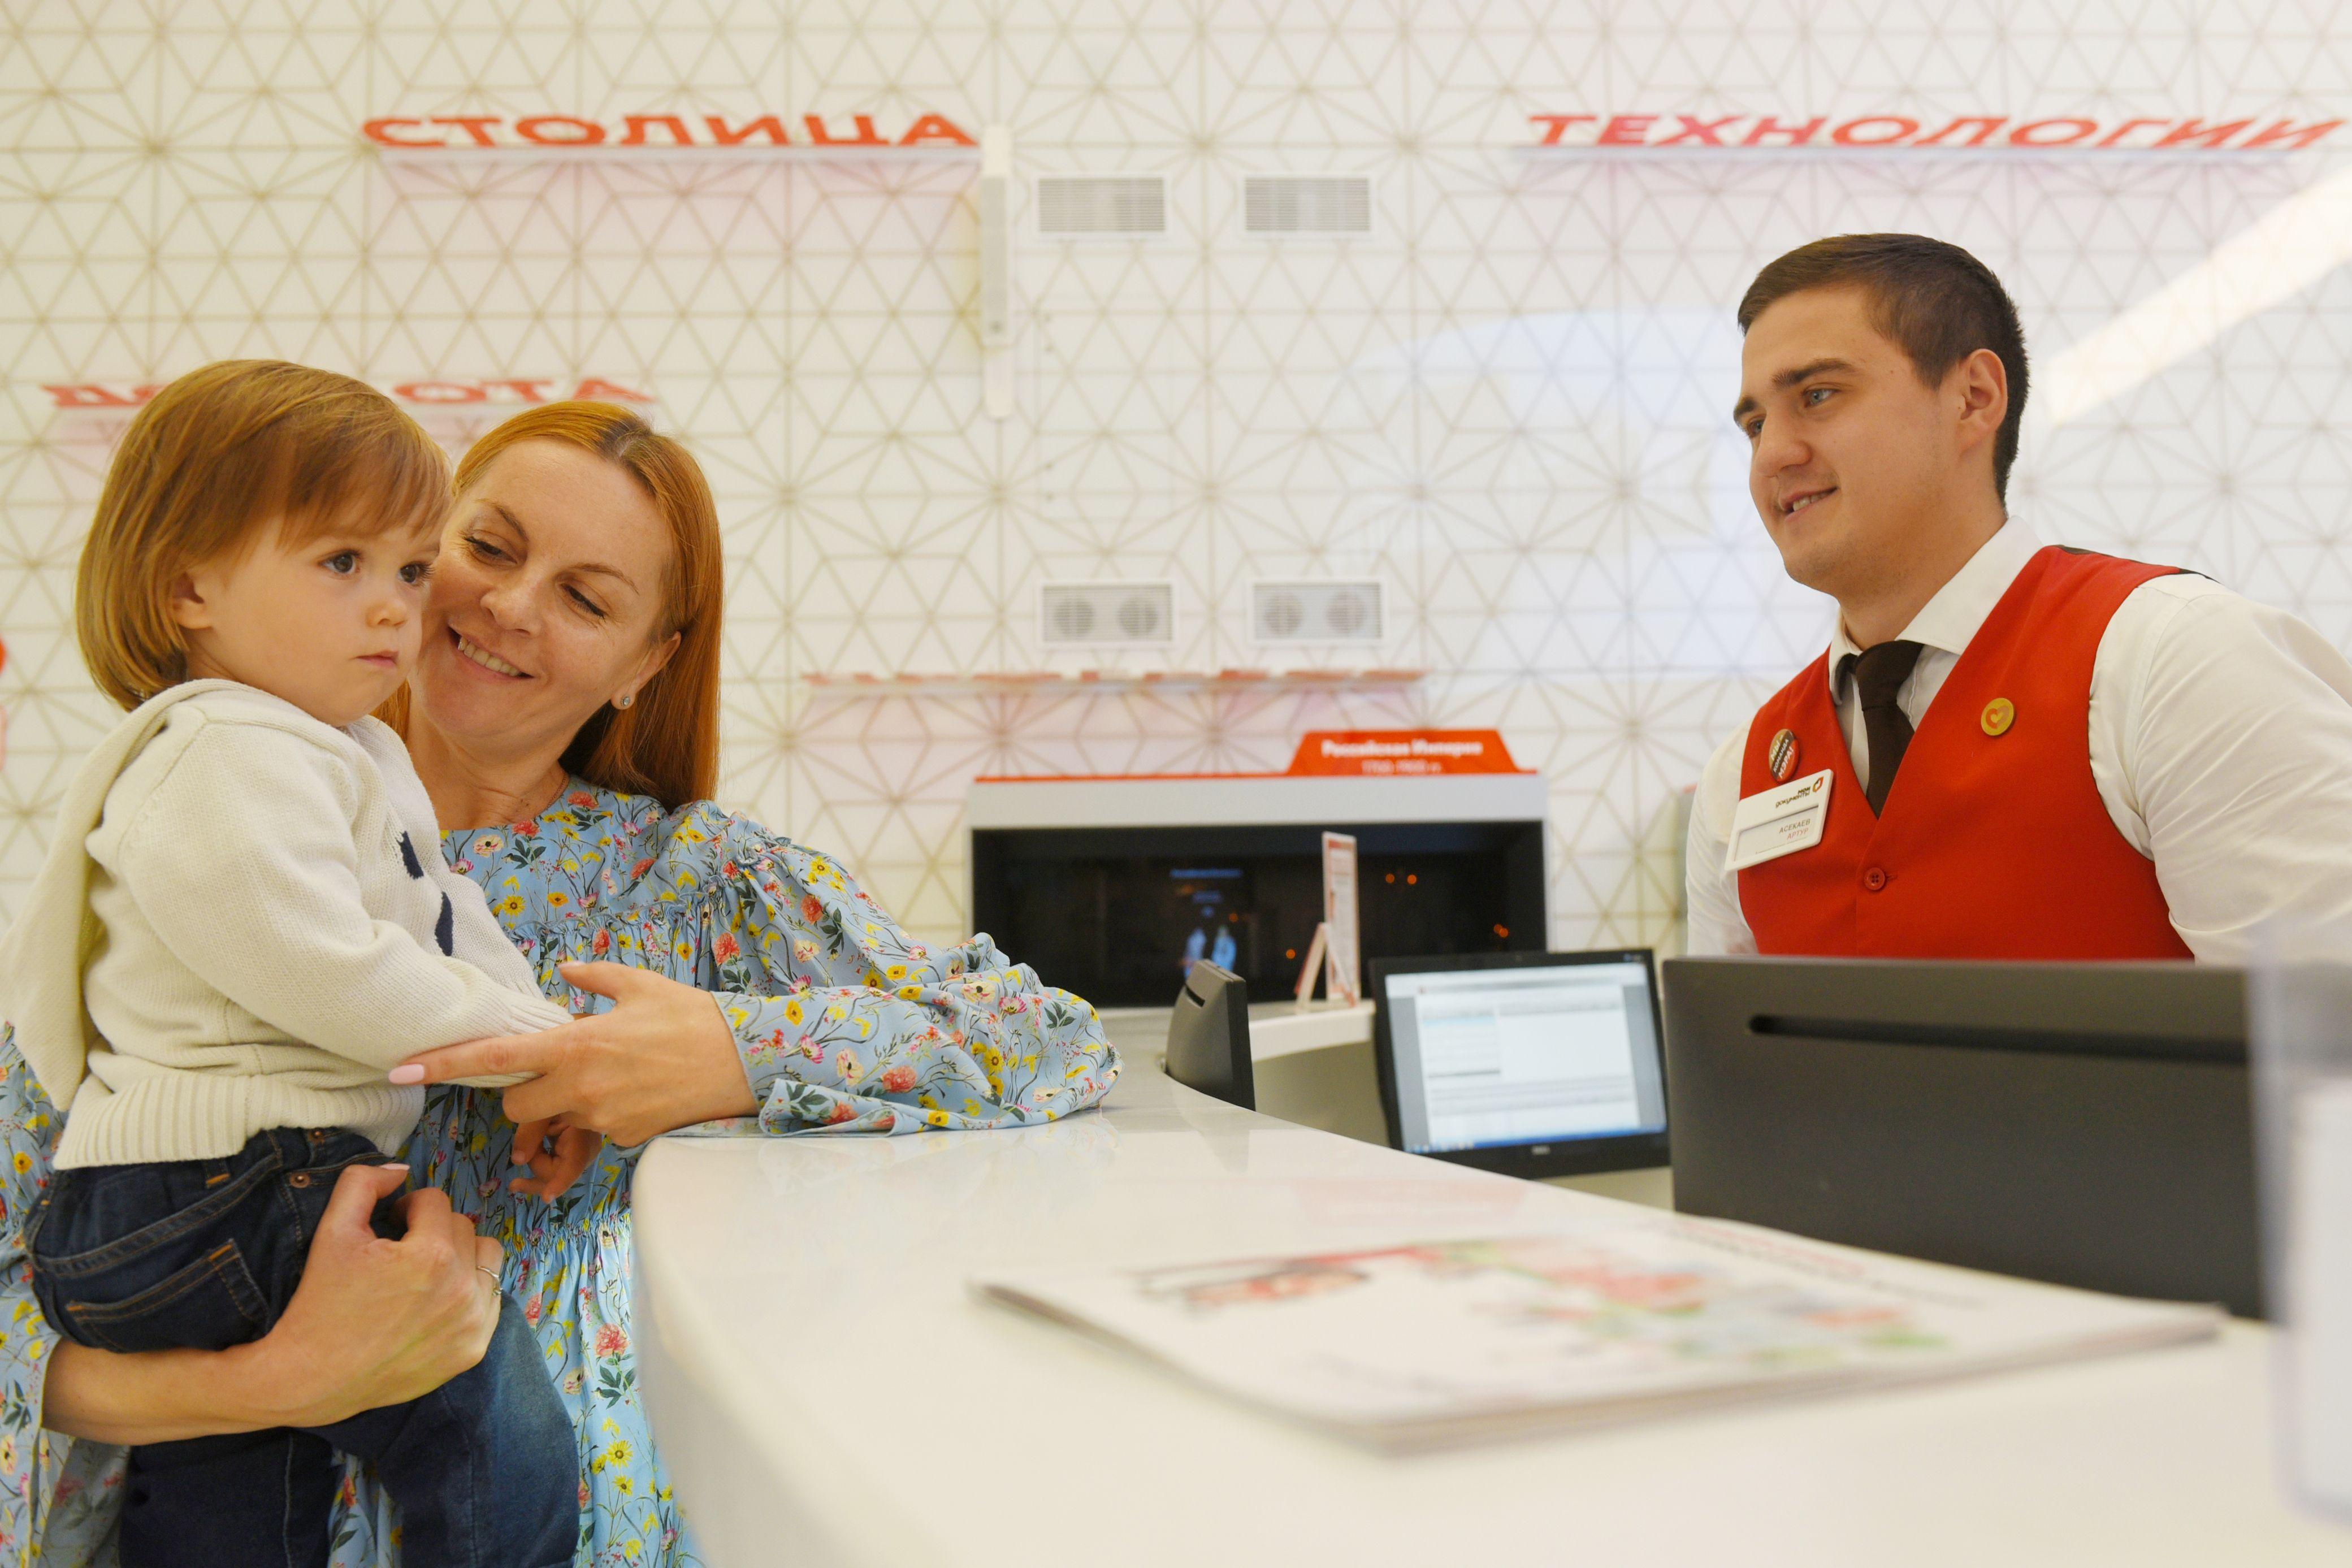 Центр госуслуг откроют в развлекательном комплексе на юго-востоке Москвы